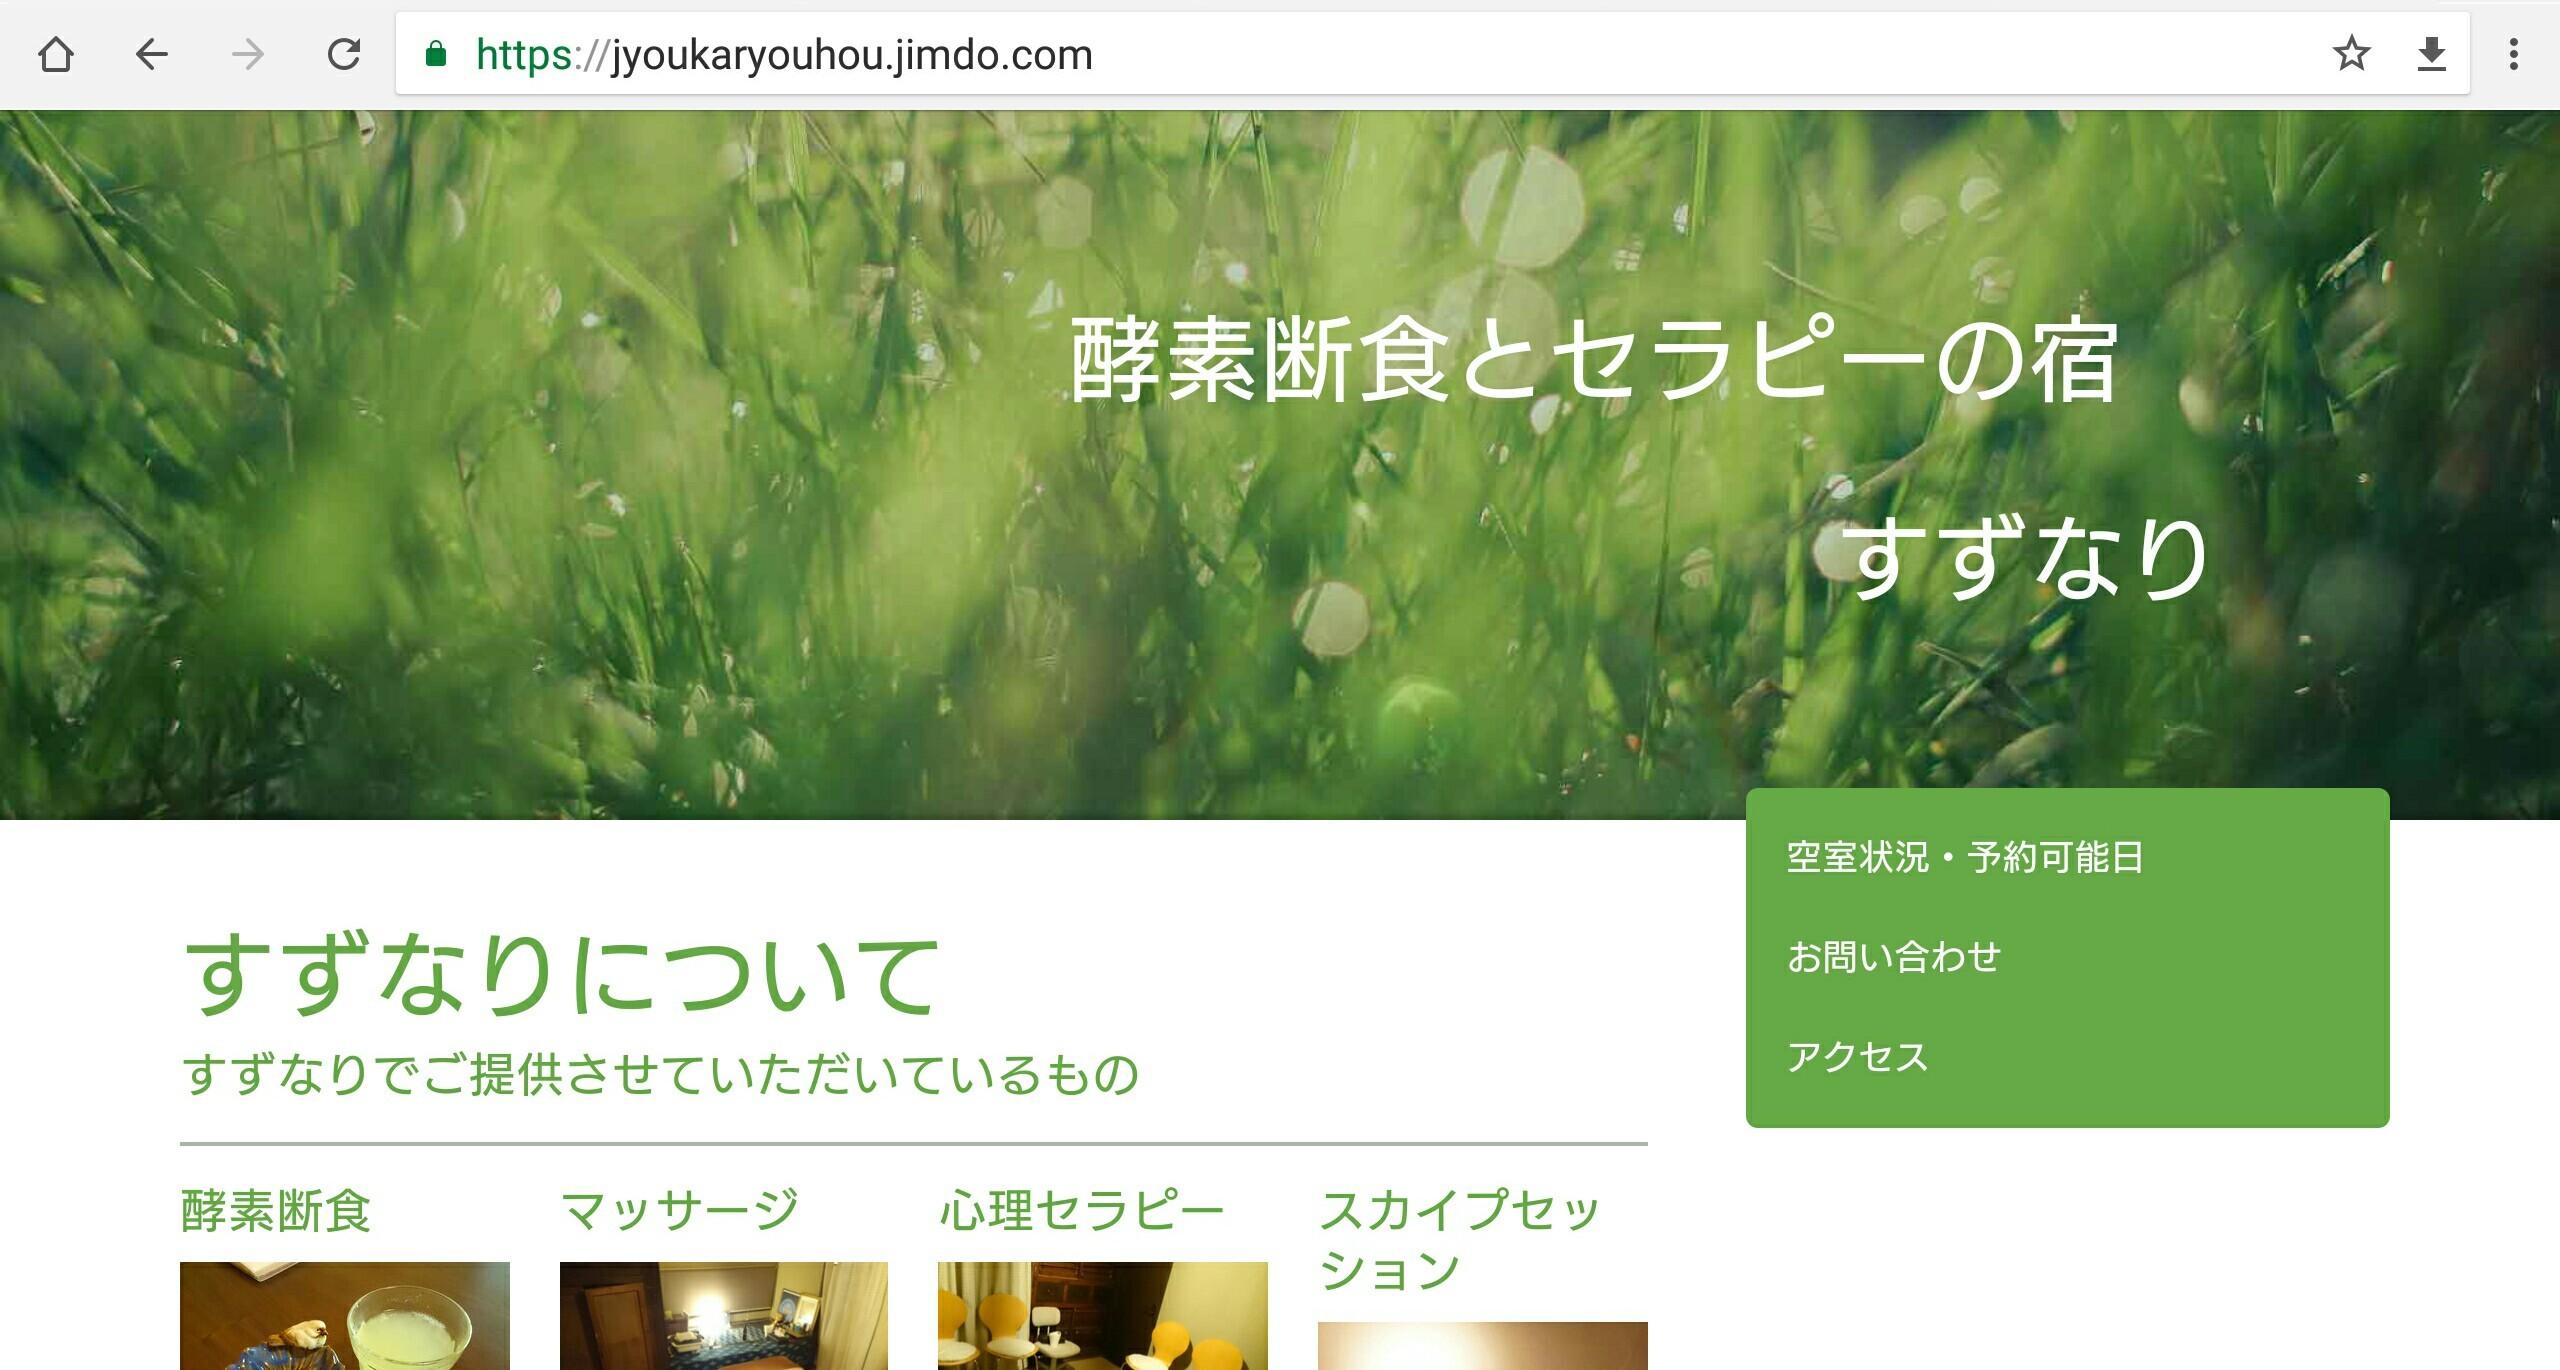 すずなりホームページを新しくしました!_f0337851_21071027.jpg